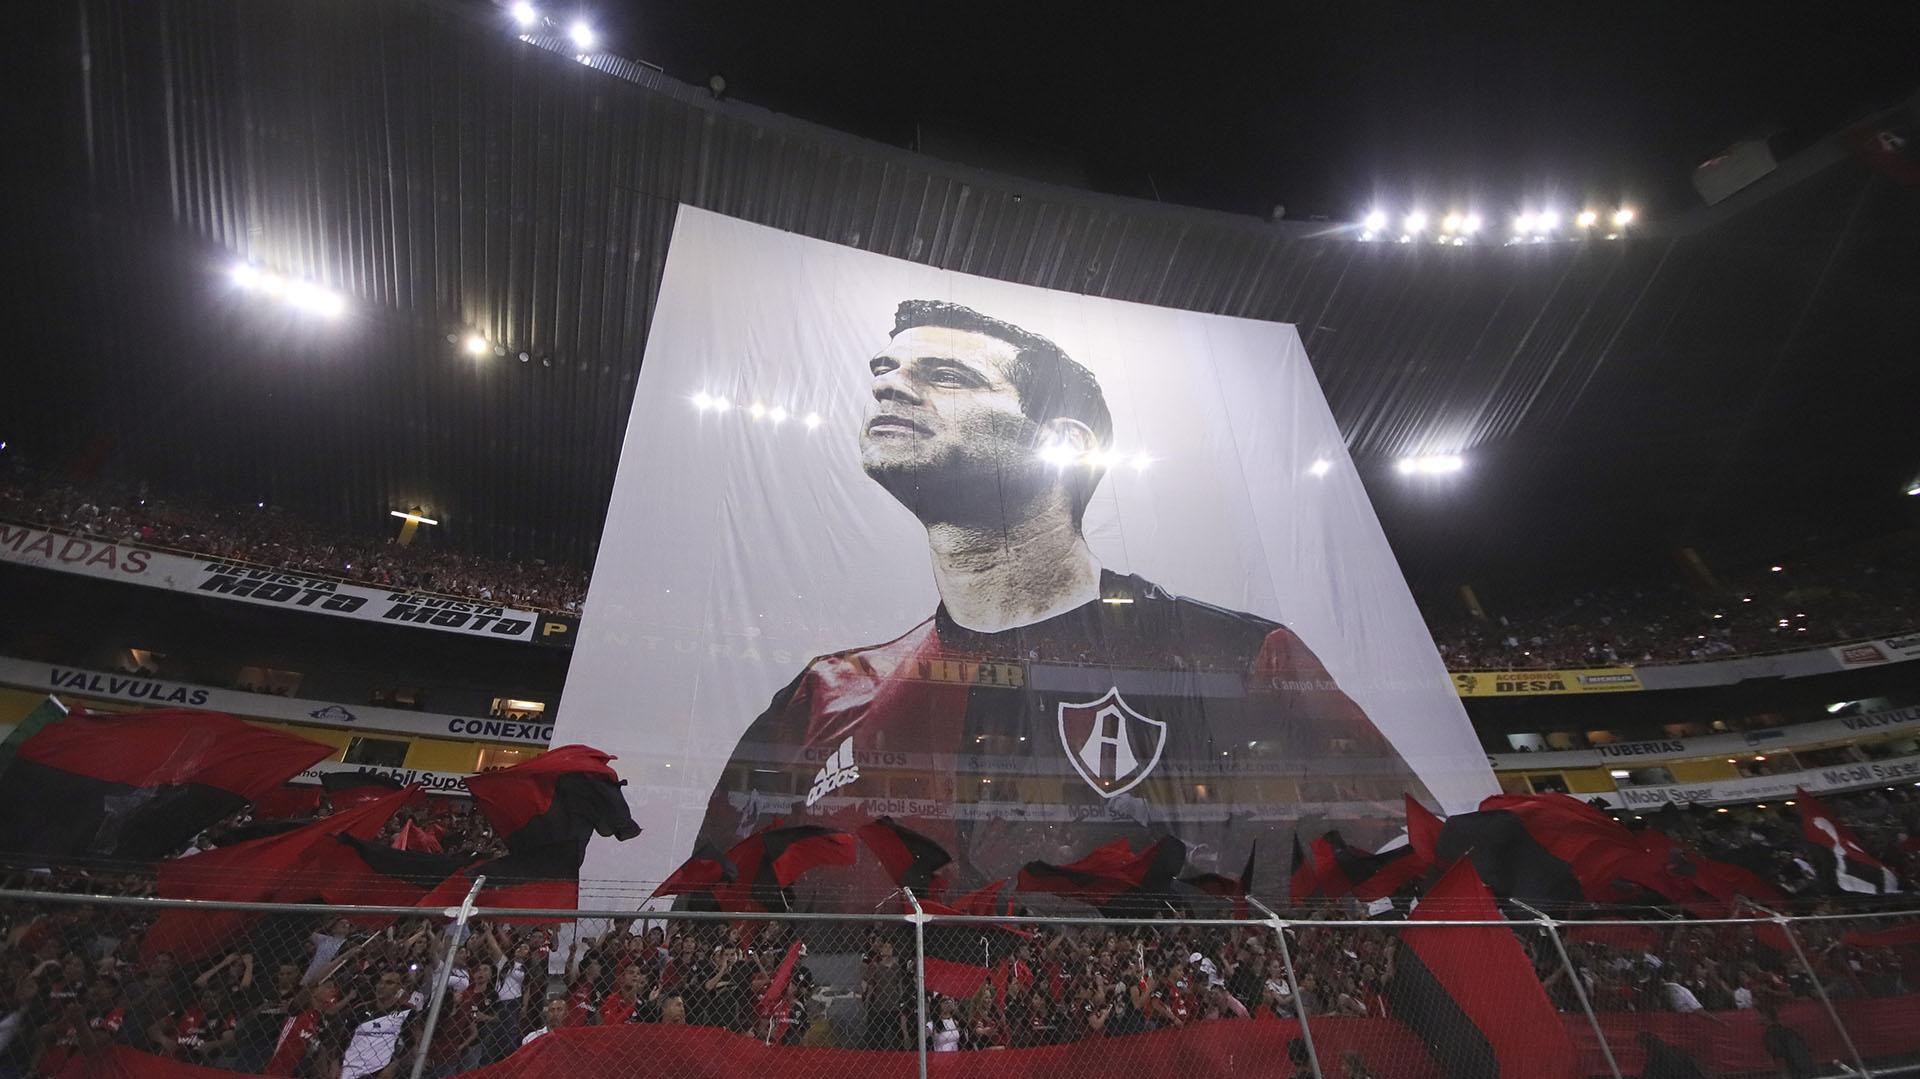 Márquez se despedirá en el Estadio Jalisco, donde juega Atlas, equipo donde es ídolo y del que es hincha (Foto: Carlos Zepeda/ EFE)